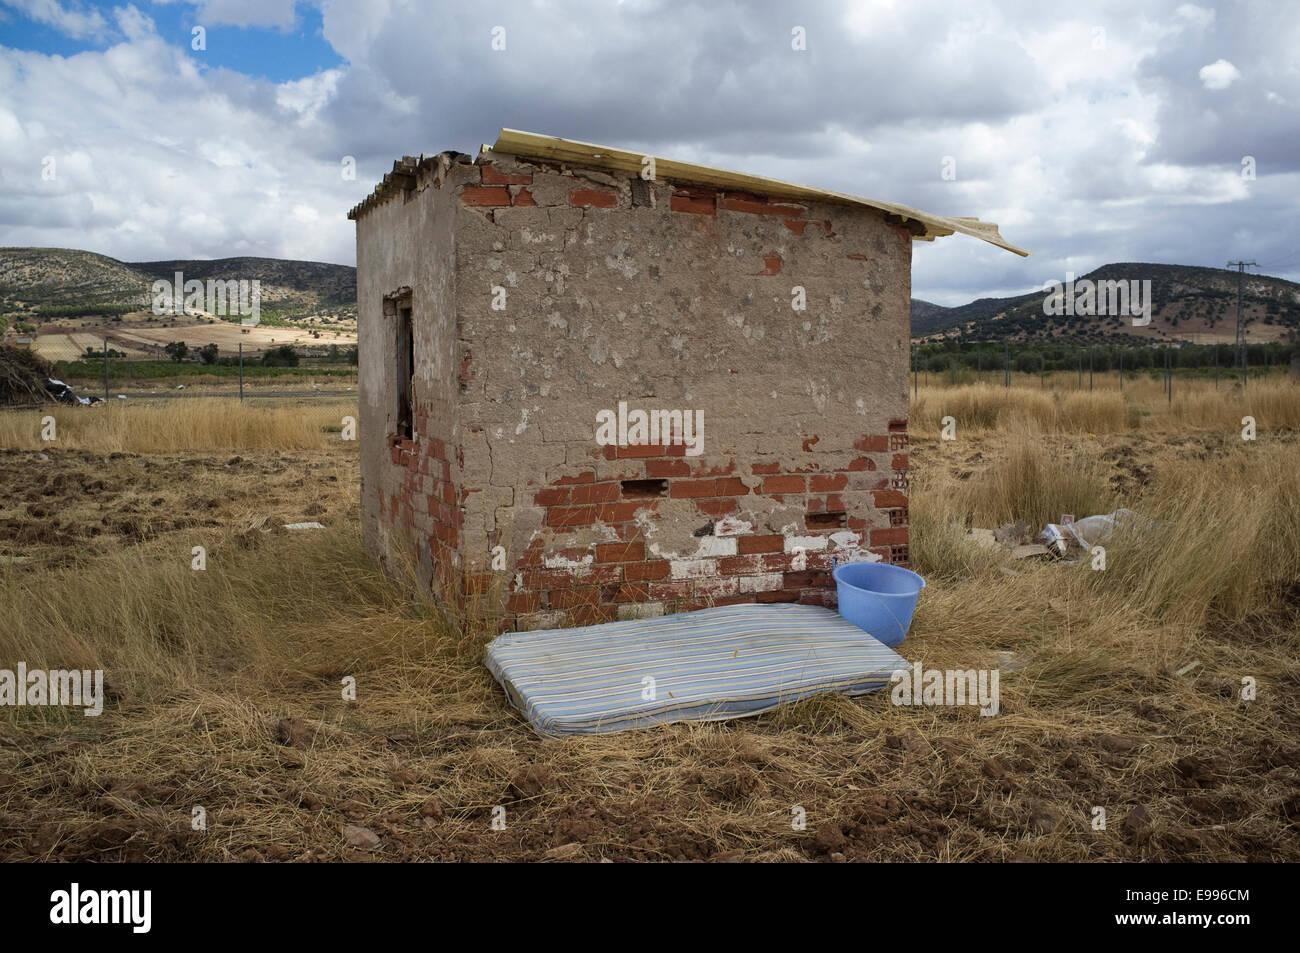 Los inmigrantes temporales desde Rumania venido a Moral de Calatrava, Ciudad Real, España, para trabajar en la vendimia. Foto de stock